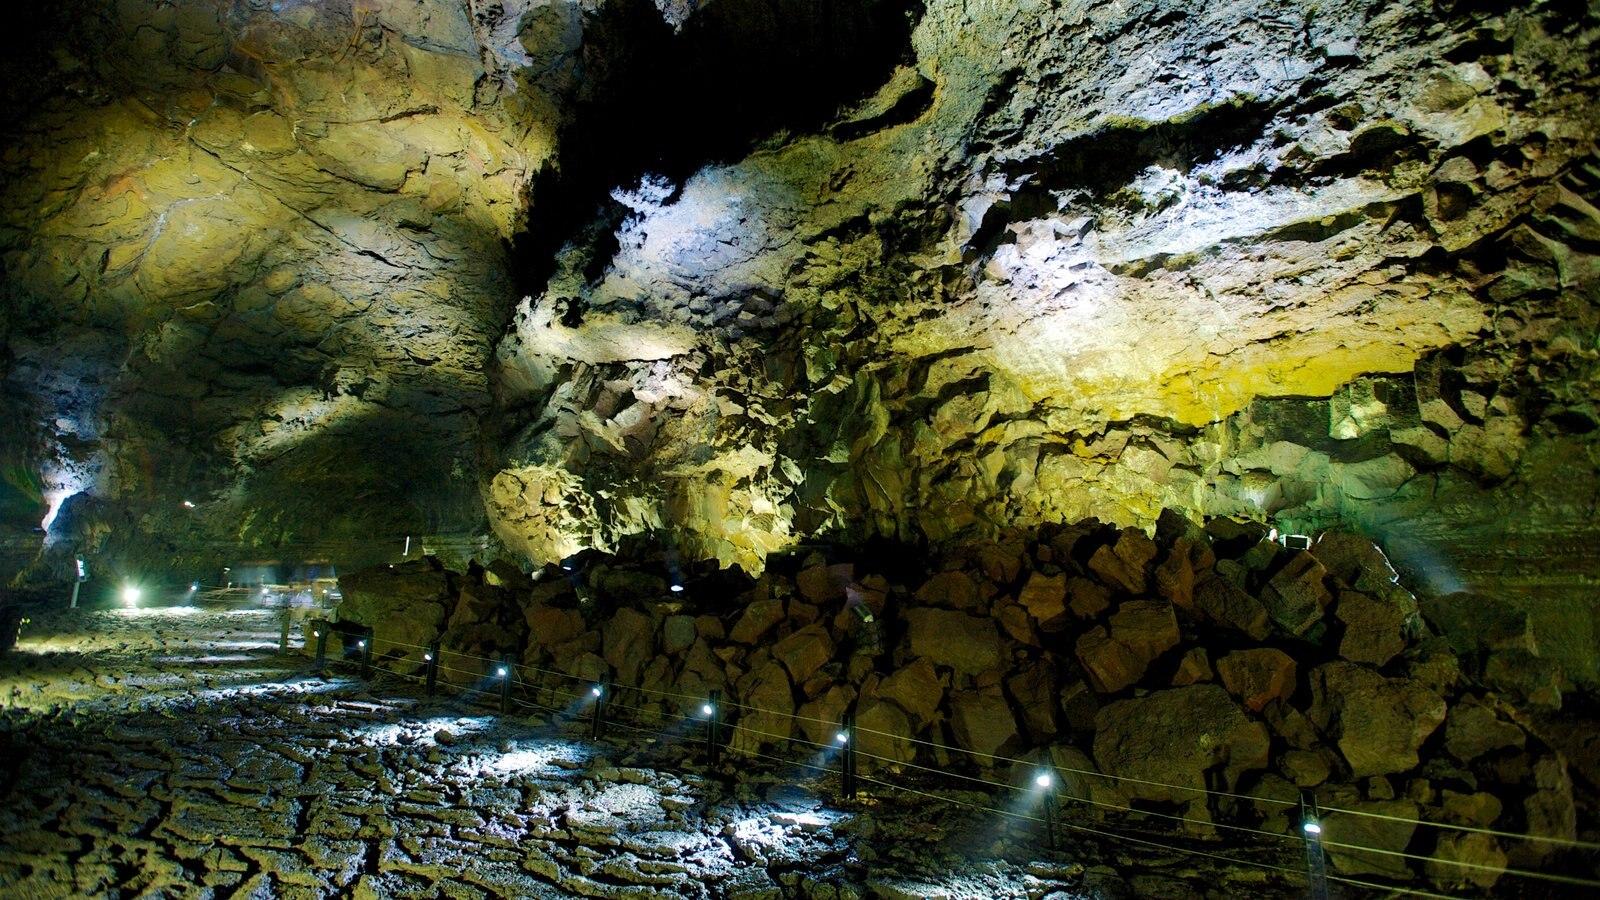 39176 Manjanggul Lava Tube Cave - Jeju Island Attractions: 5 Instagram Worthy Spots in Jeju Island